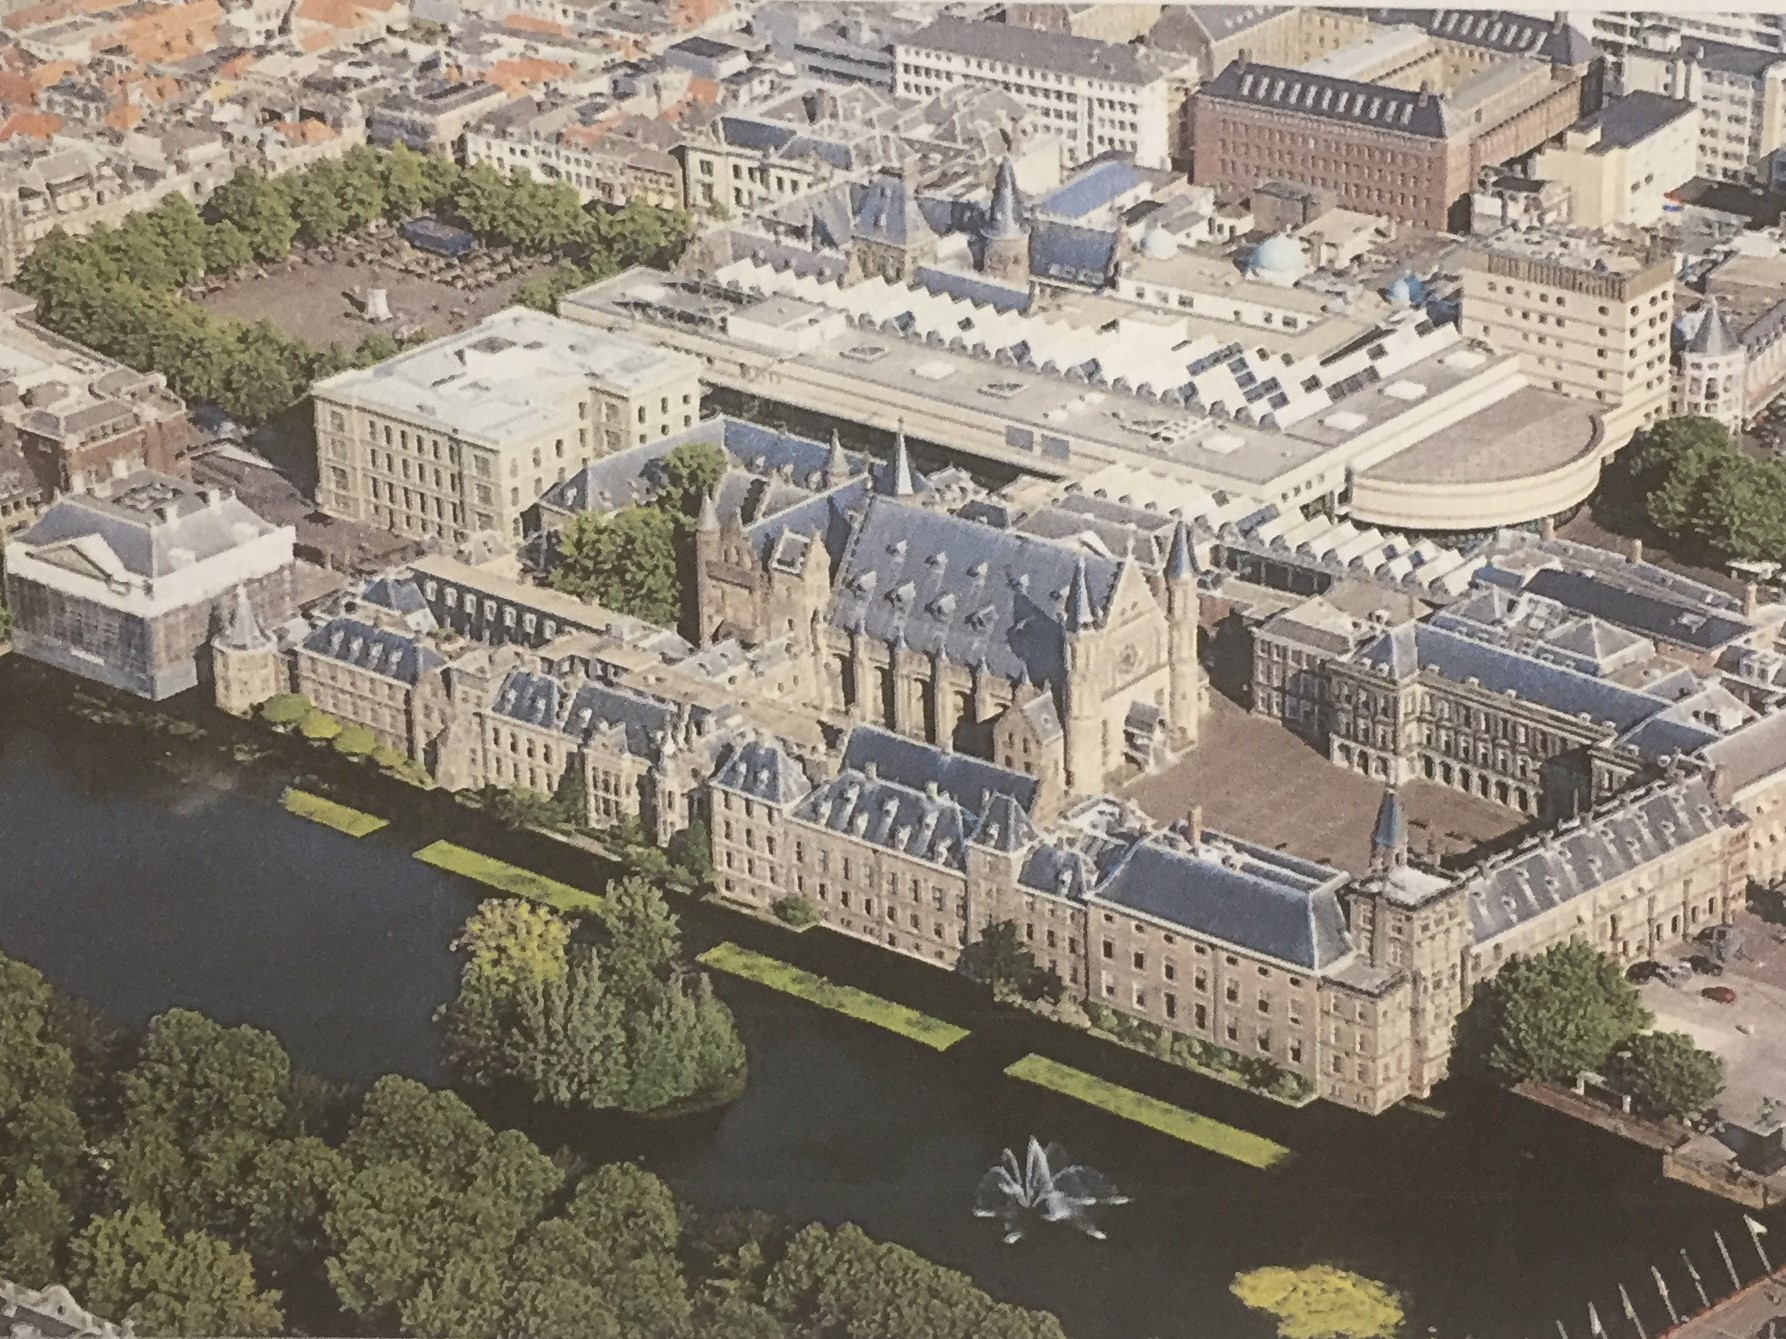 181108 Binnenhof